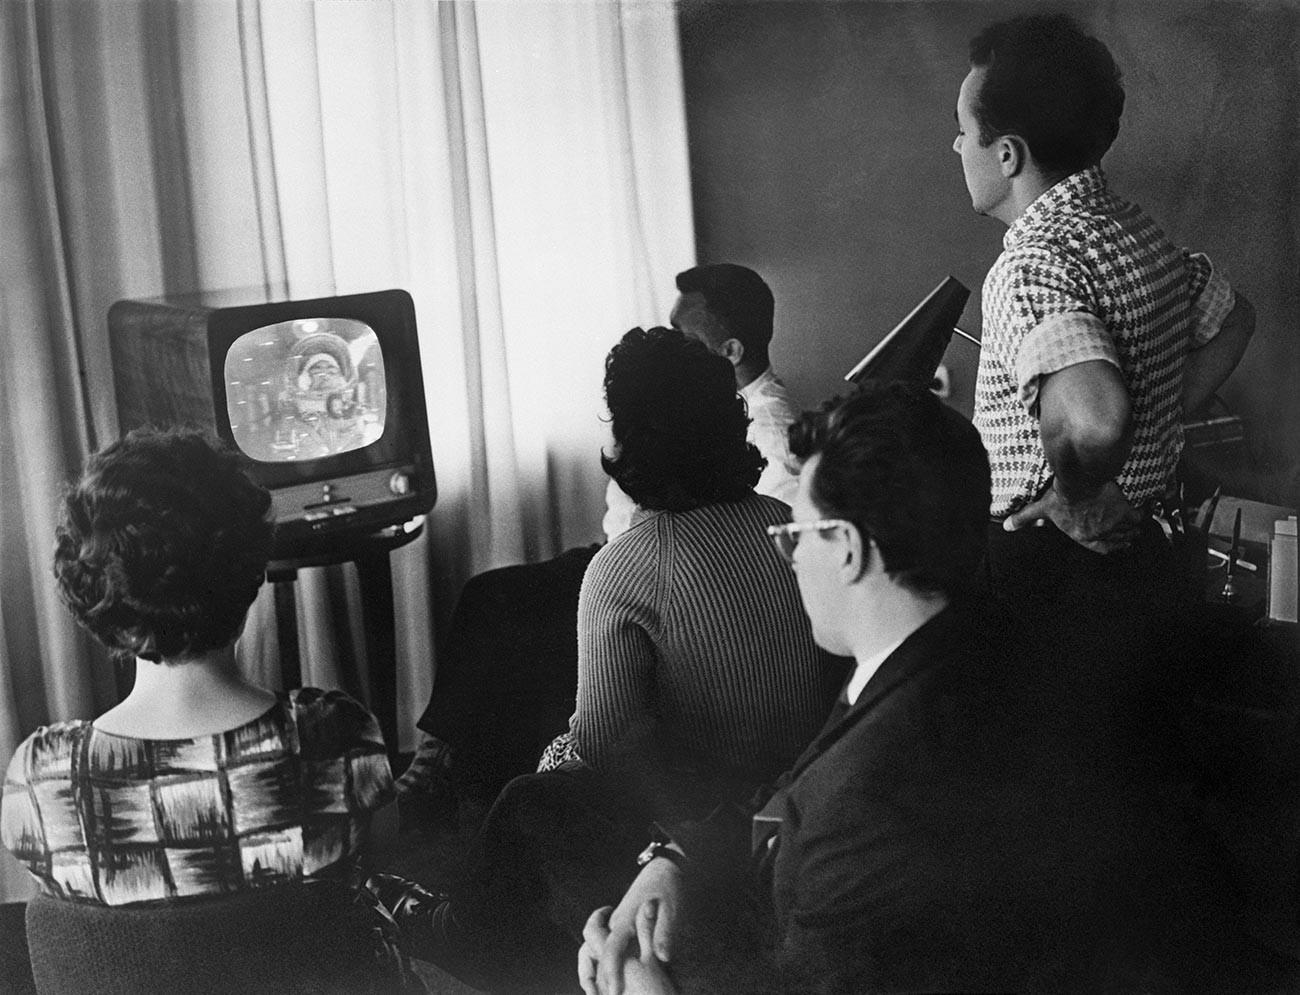 Seltene Fernsehwerbung wurde als visueller Aspekt staatlicher Propaganda konzipiert.